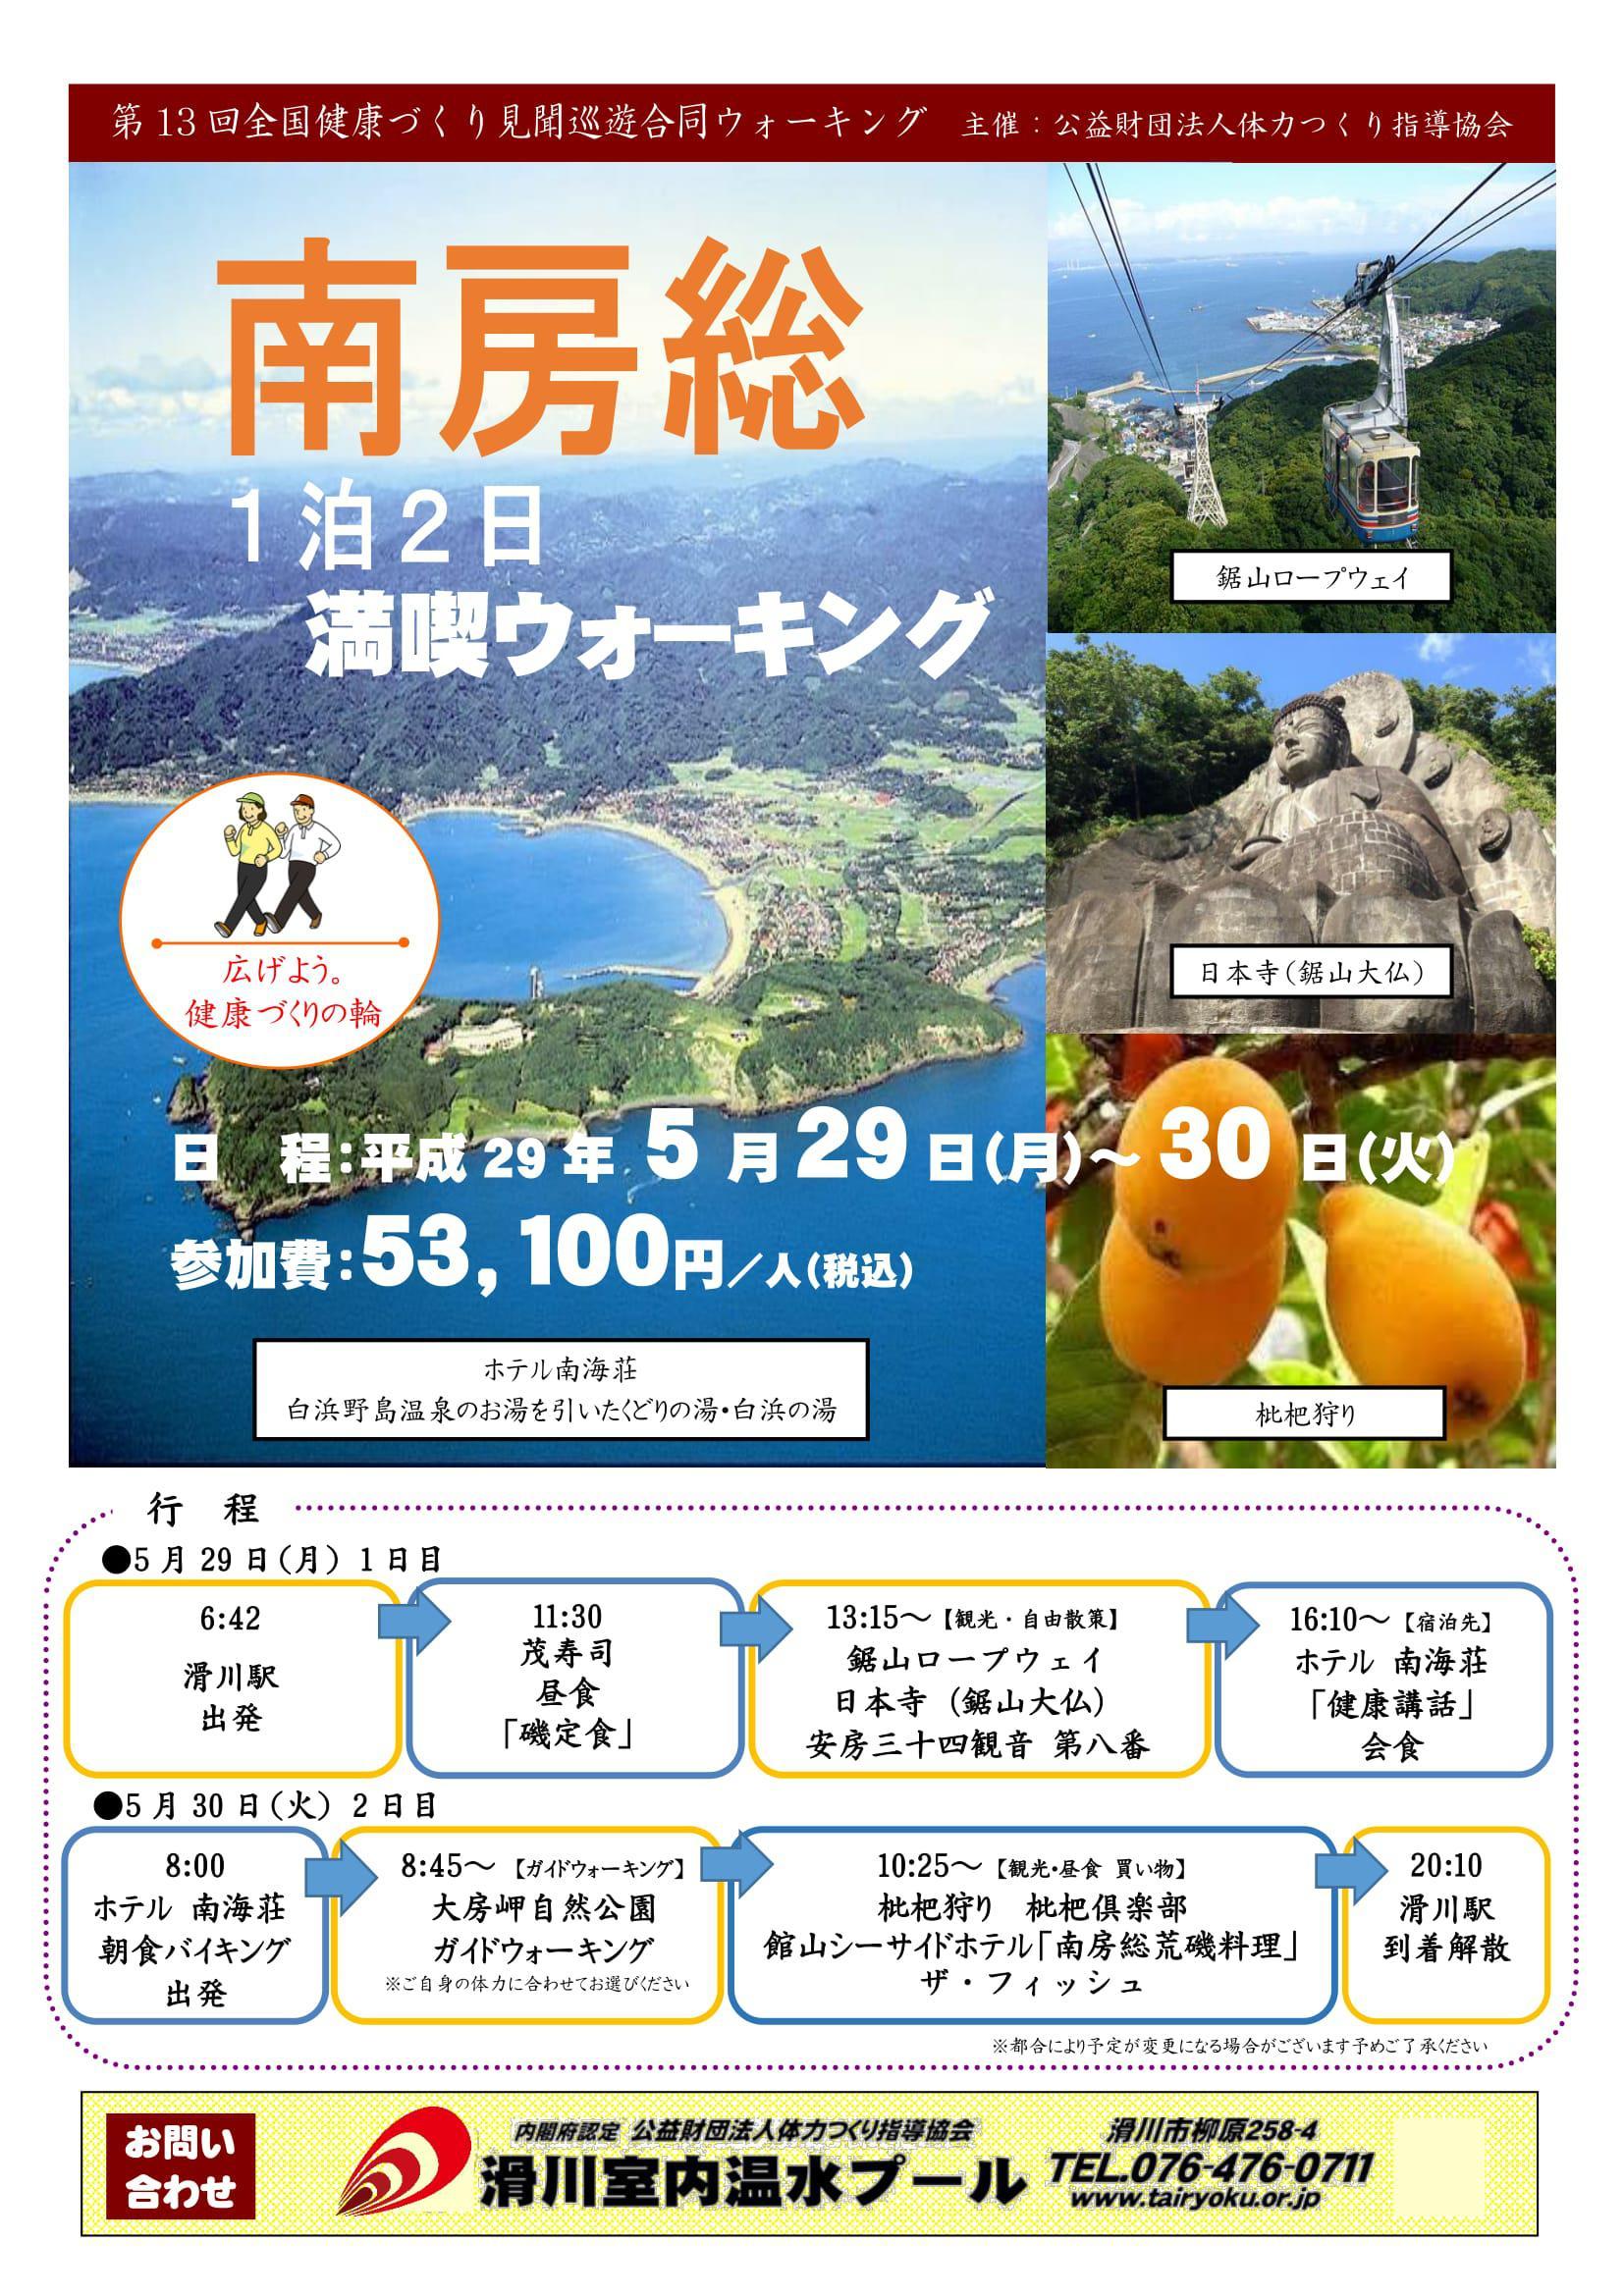 5/29-30 第13回全国健康づくり見聞巡遊合同ウォーキング